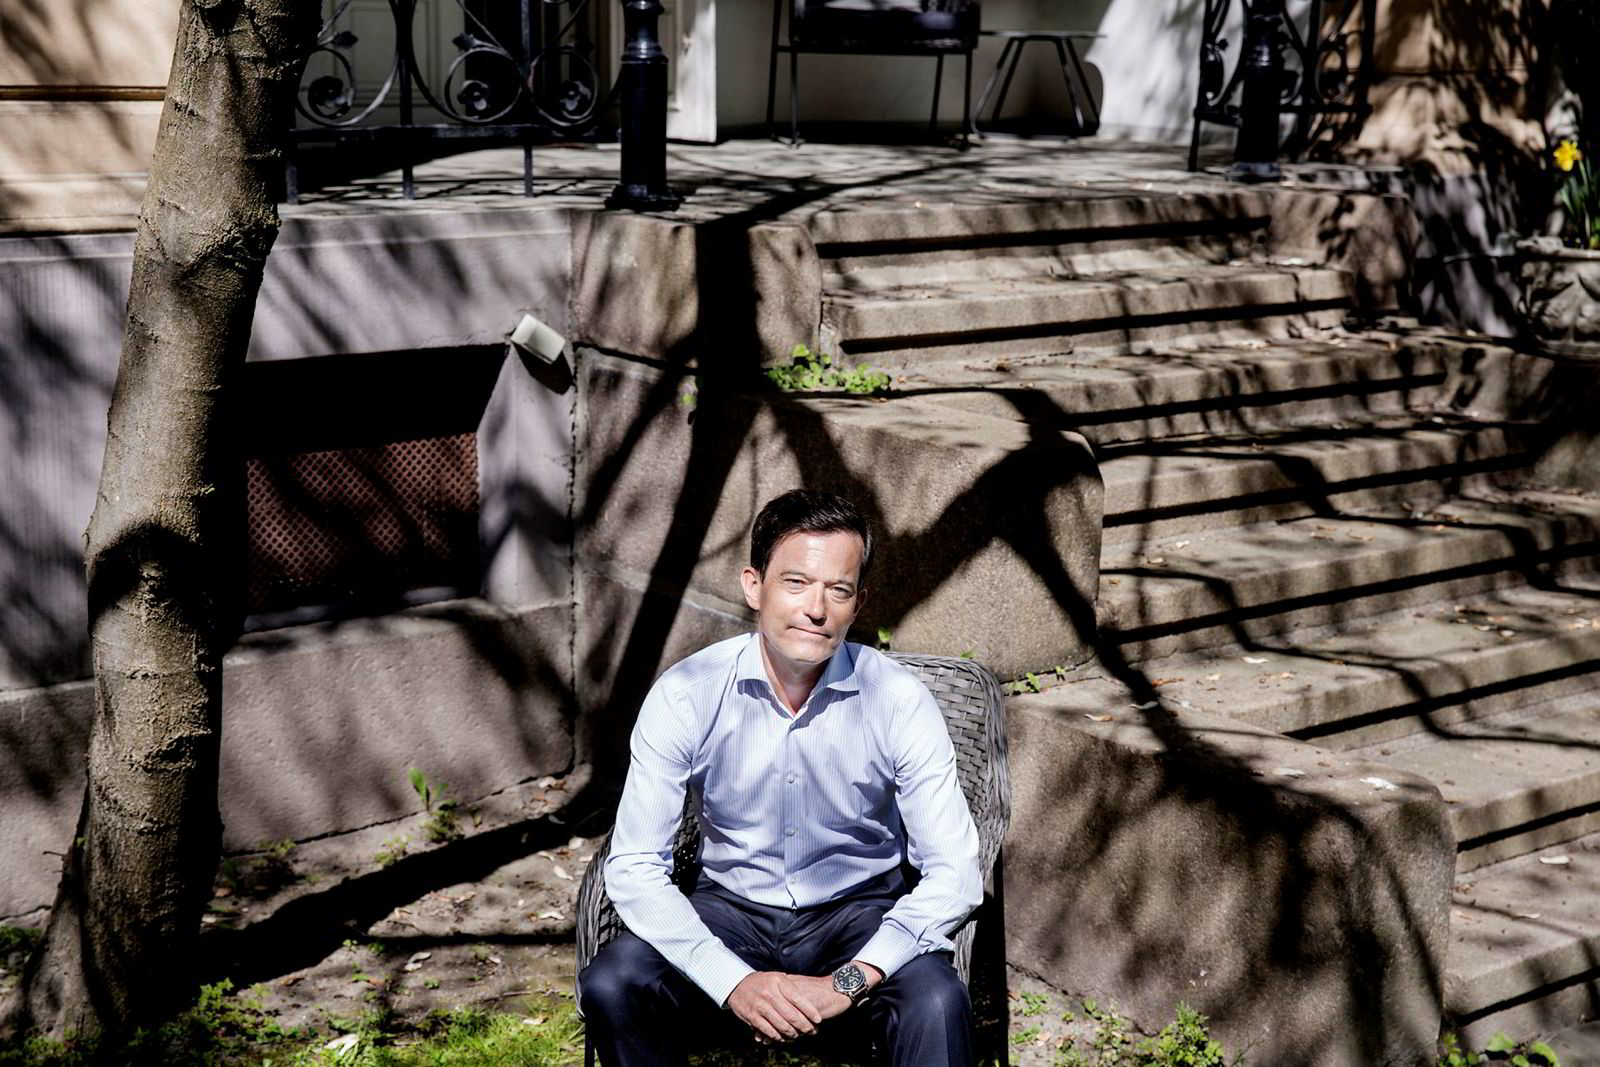 Trond Riiber Knudsen sluttet i McKinsey for å bli investor. Det siste året har han bygget opp en portefølje med det han kaller de mest spennende oppstartsselskapene innenfor teknologi og delingsøkonomi.